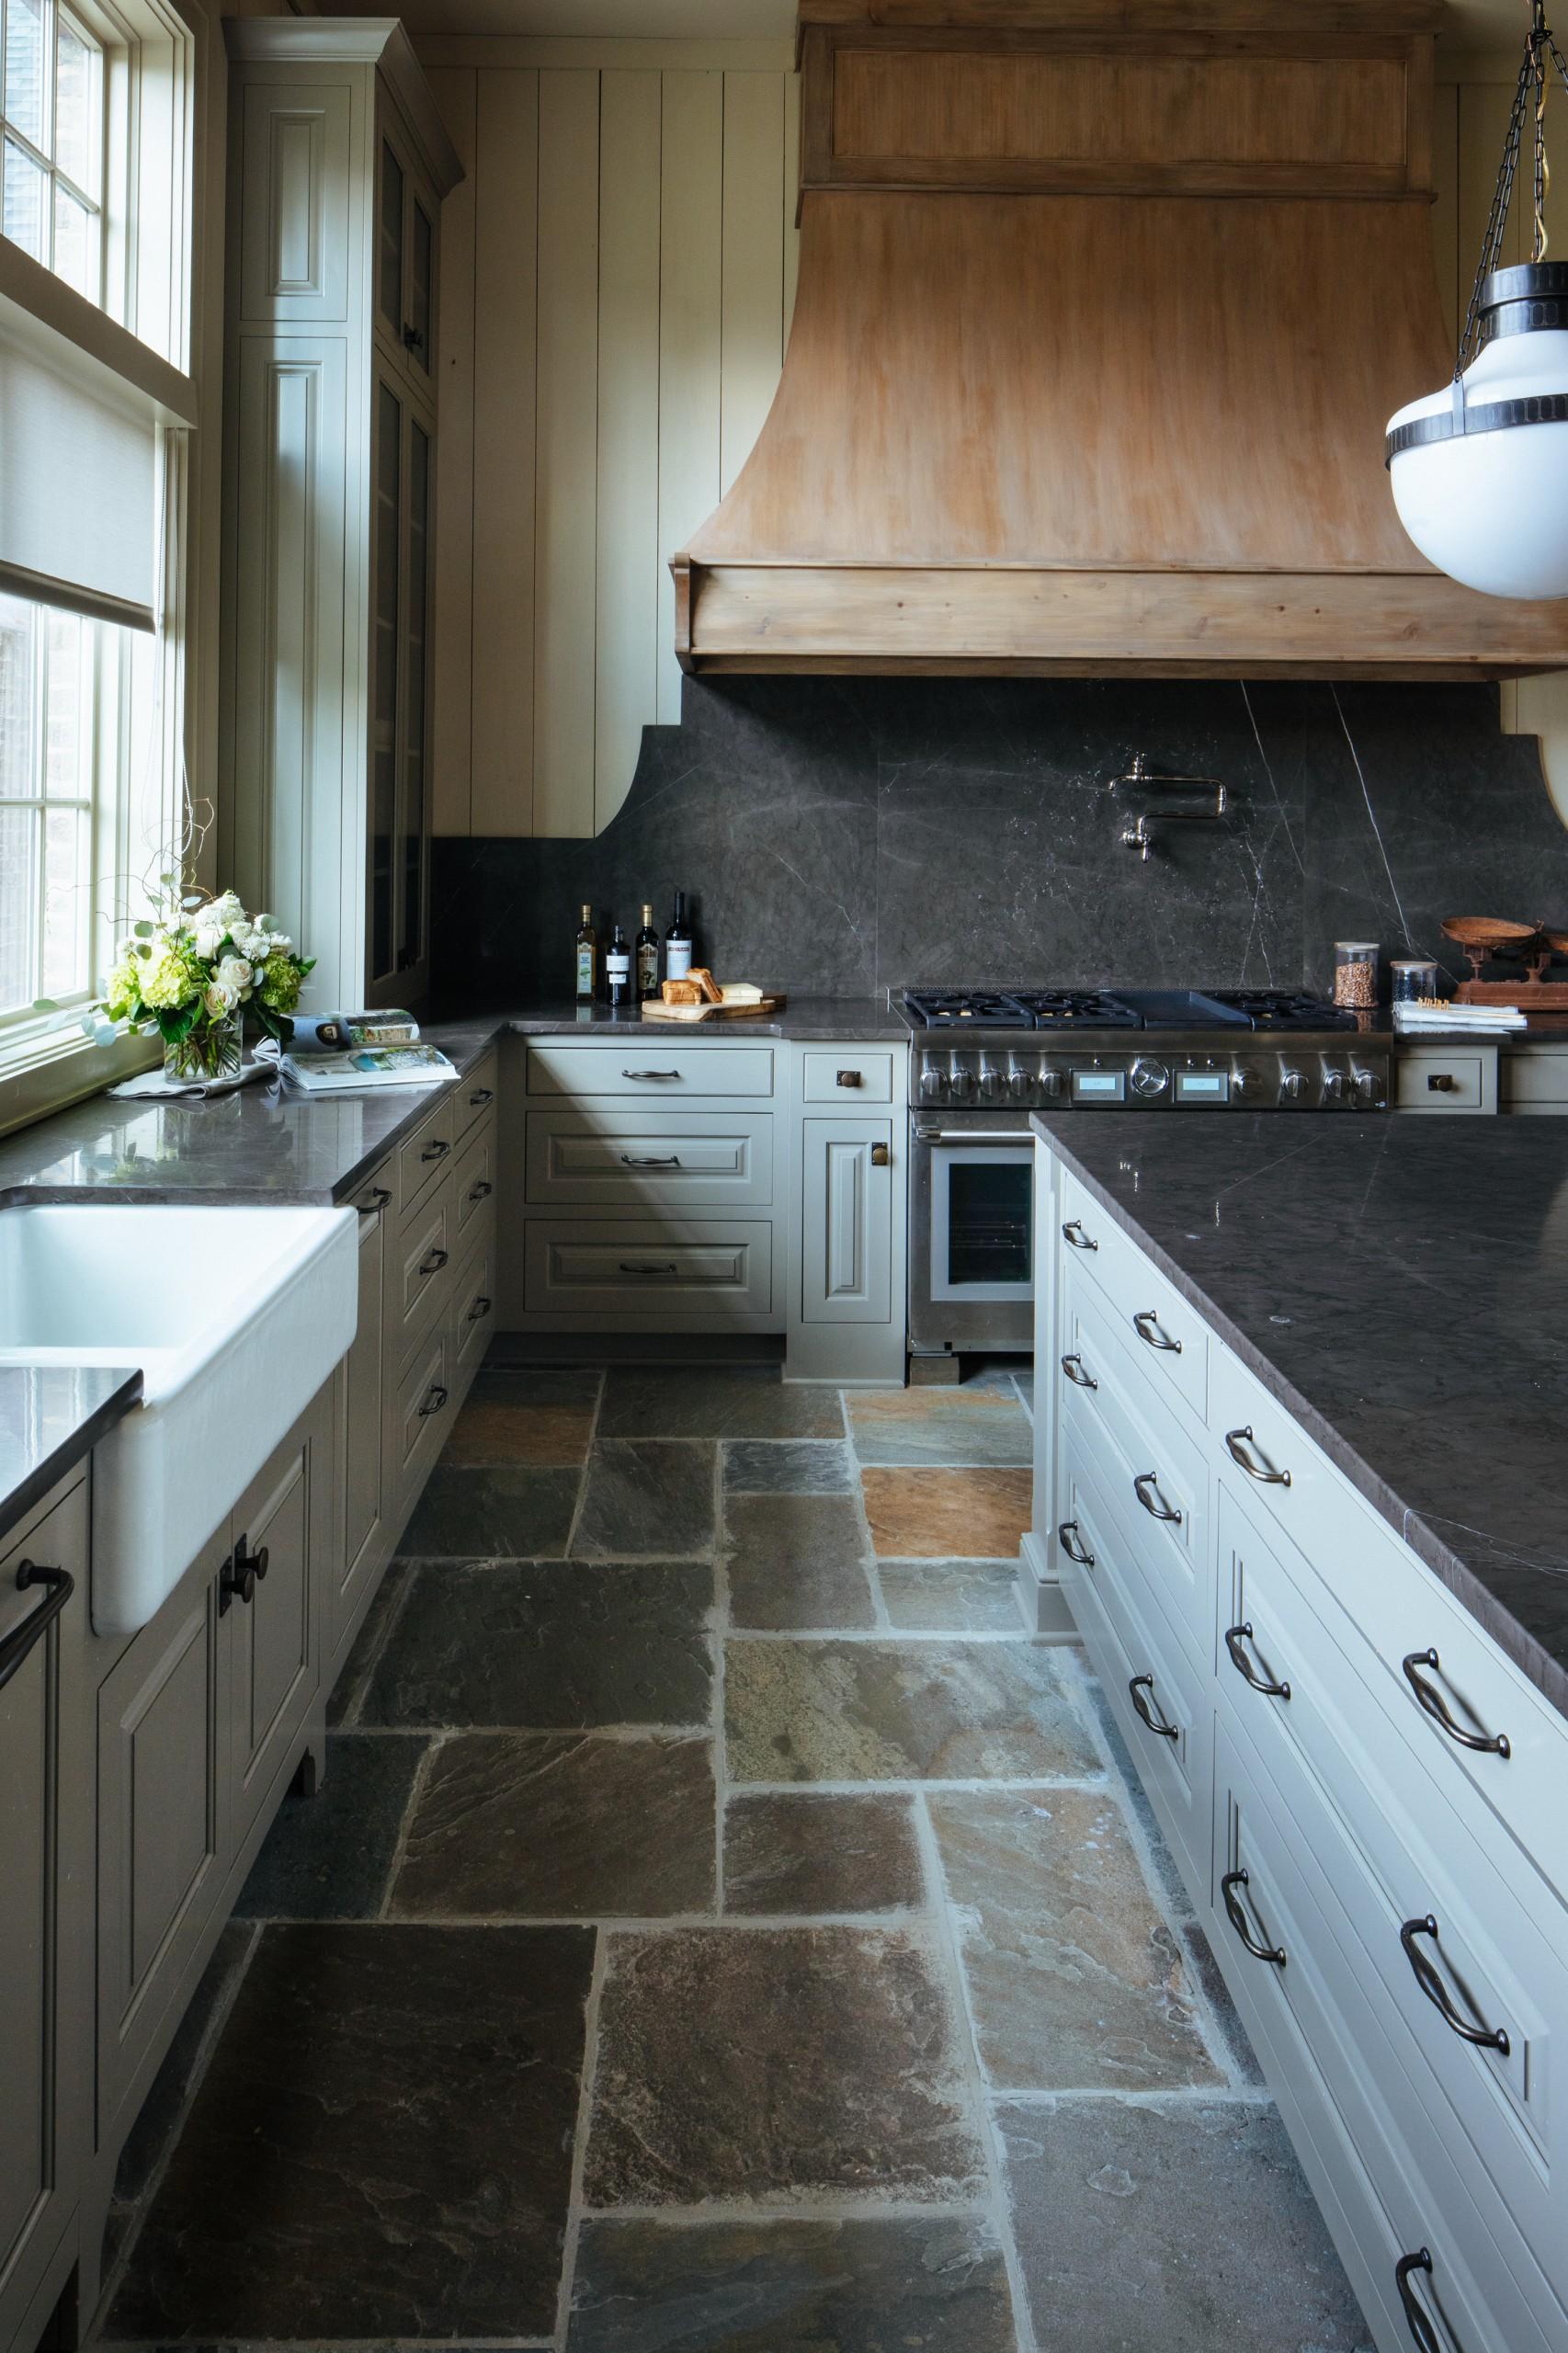 Memphis Magazine: Building Your Kitchen Kingdom